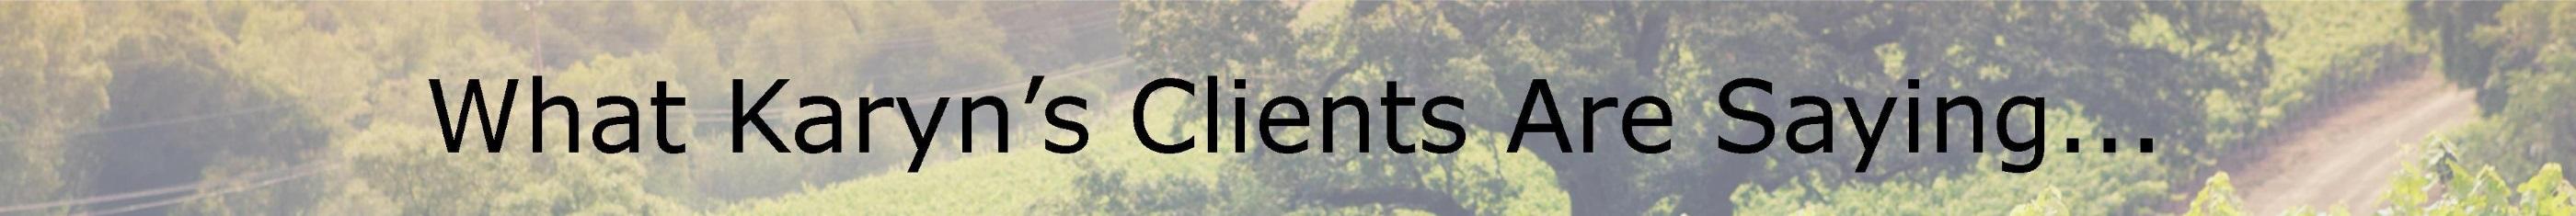 https://images.marketleader.com/assets/76/1933376_4795644_f.jpg?636549831188453077?v=1519415096733